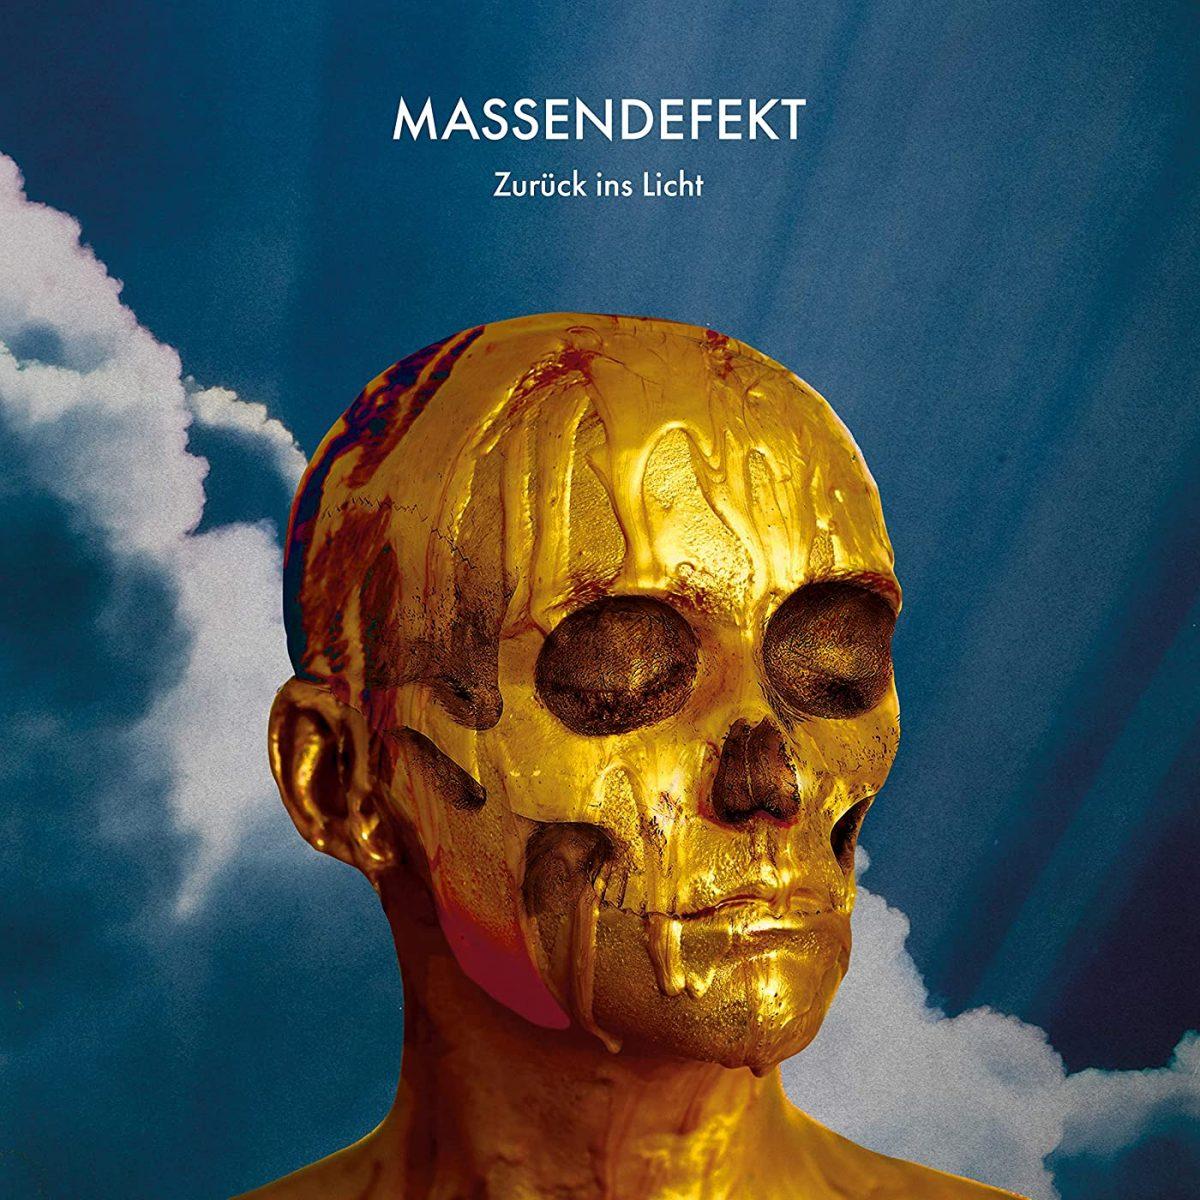 massendefekt-zurueck-ins-licht-album-review